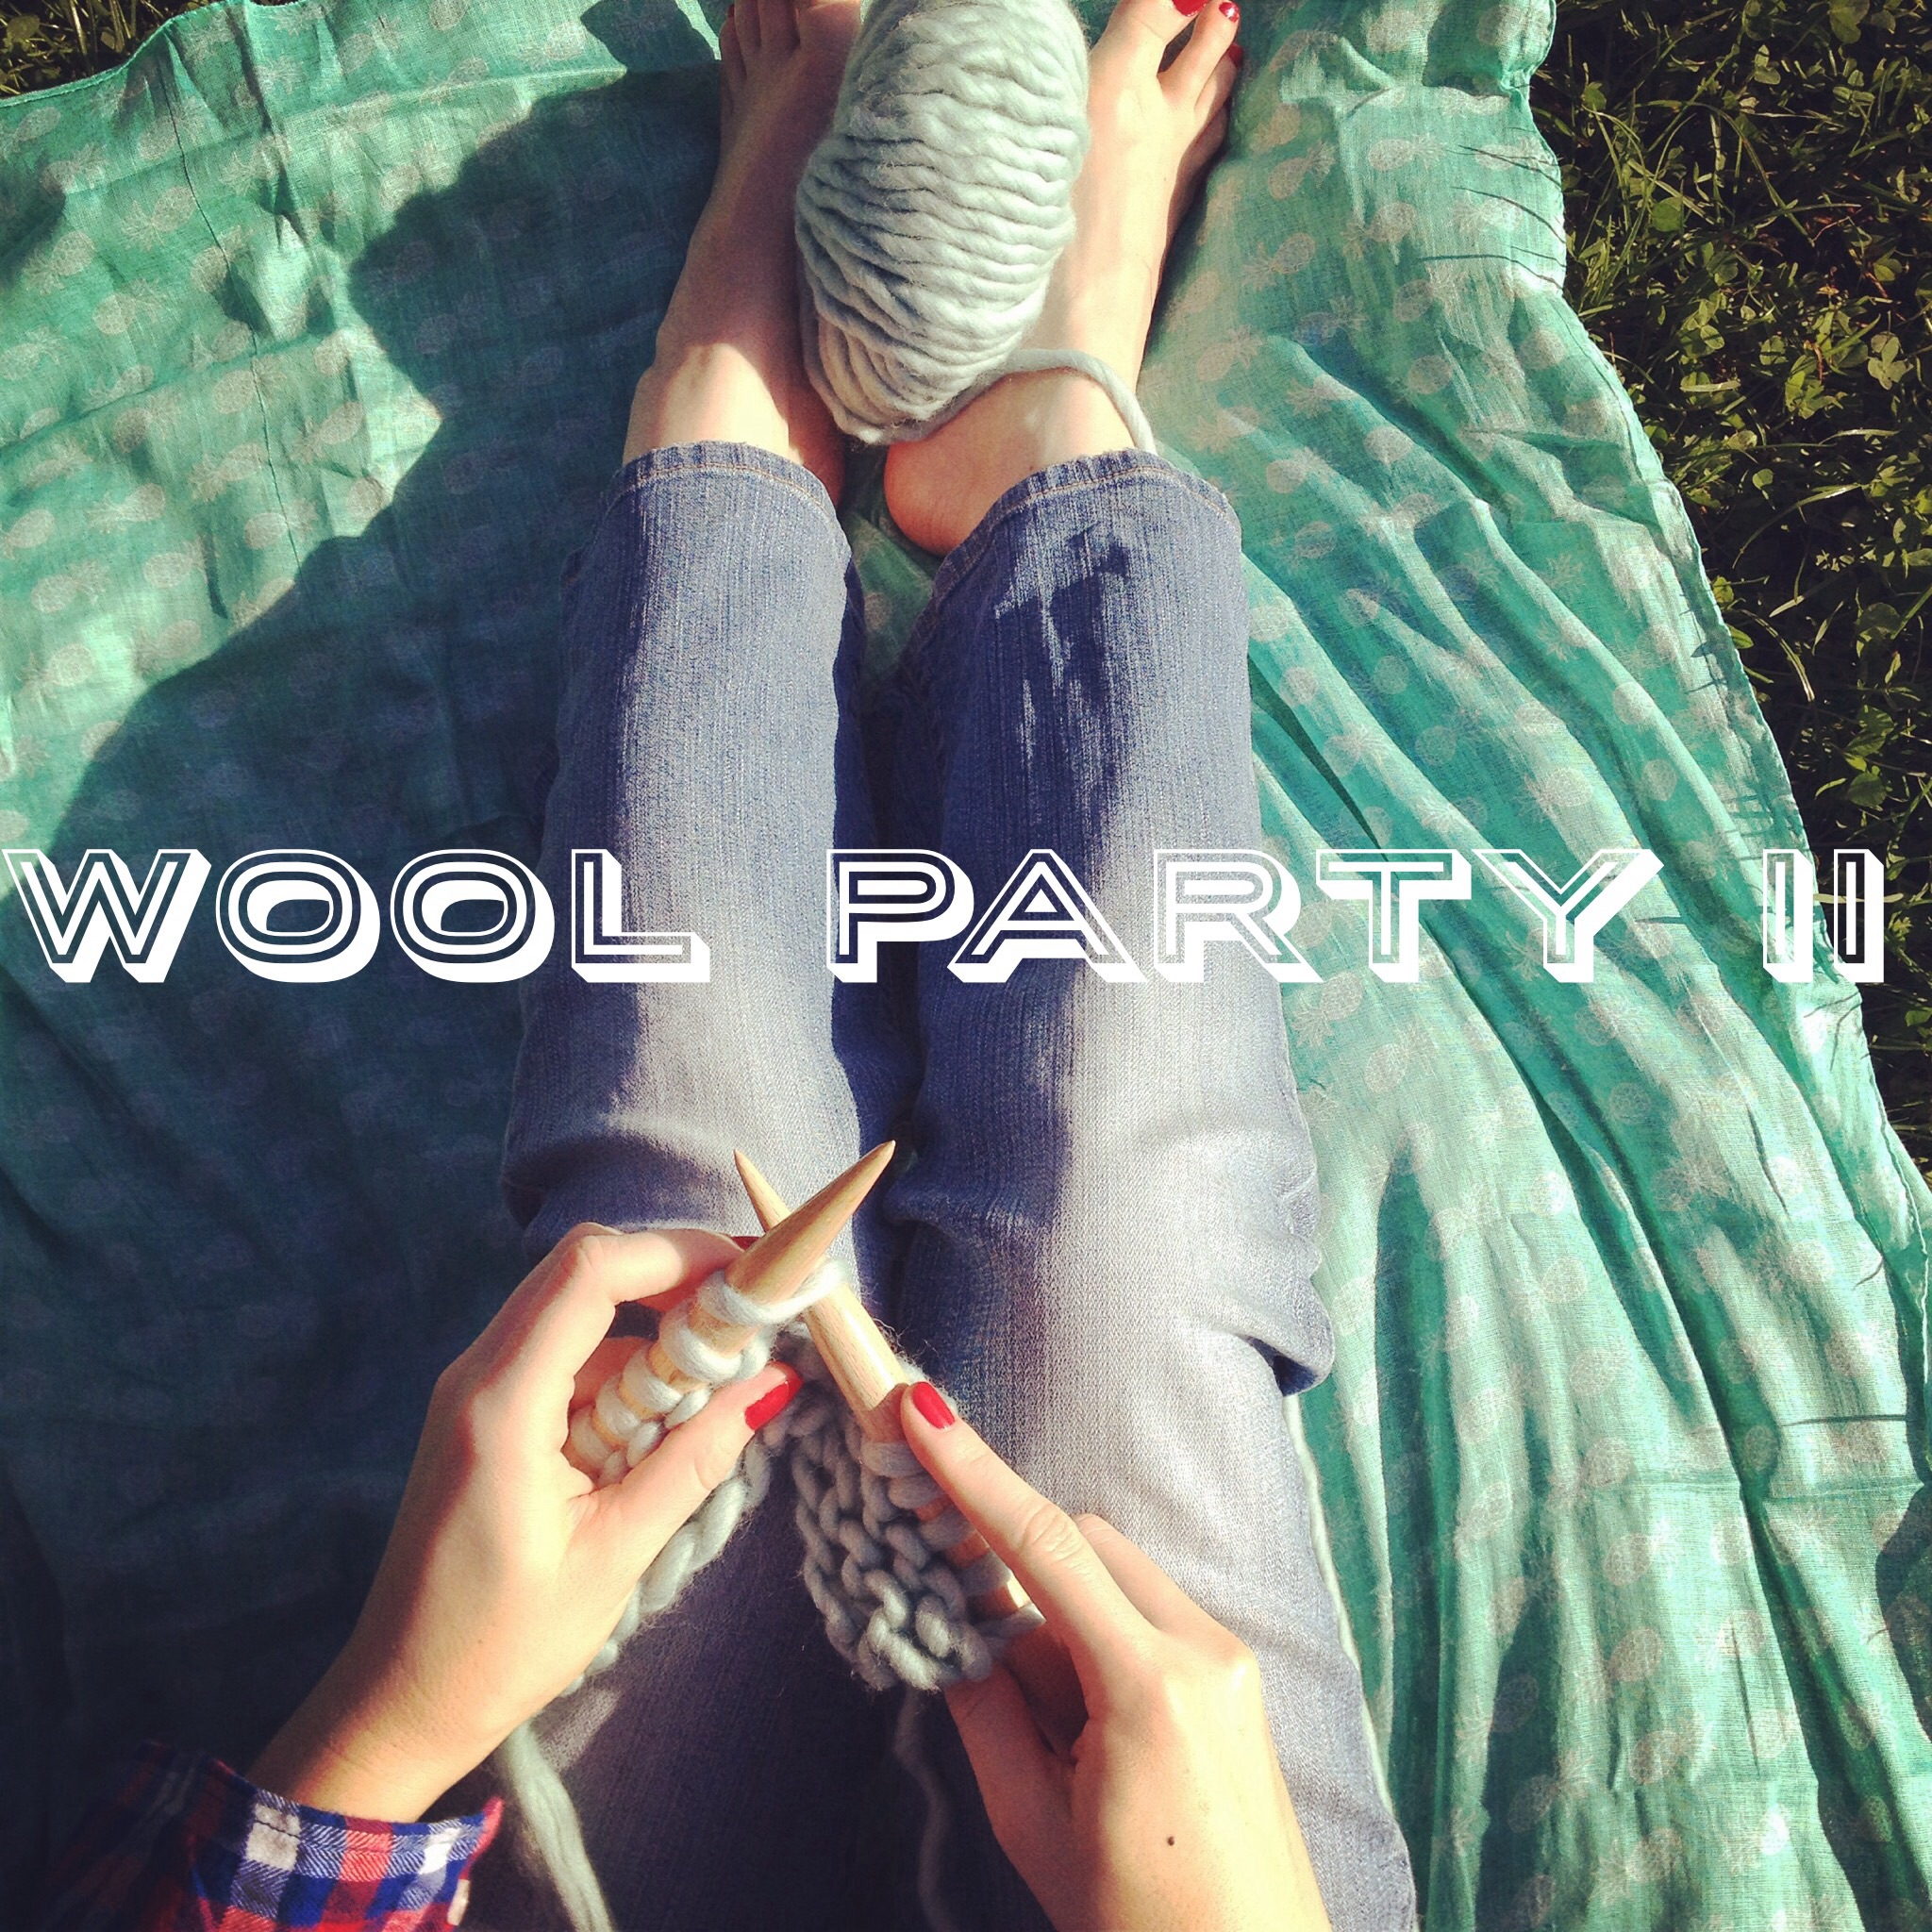 WOOL PARTY II